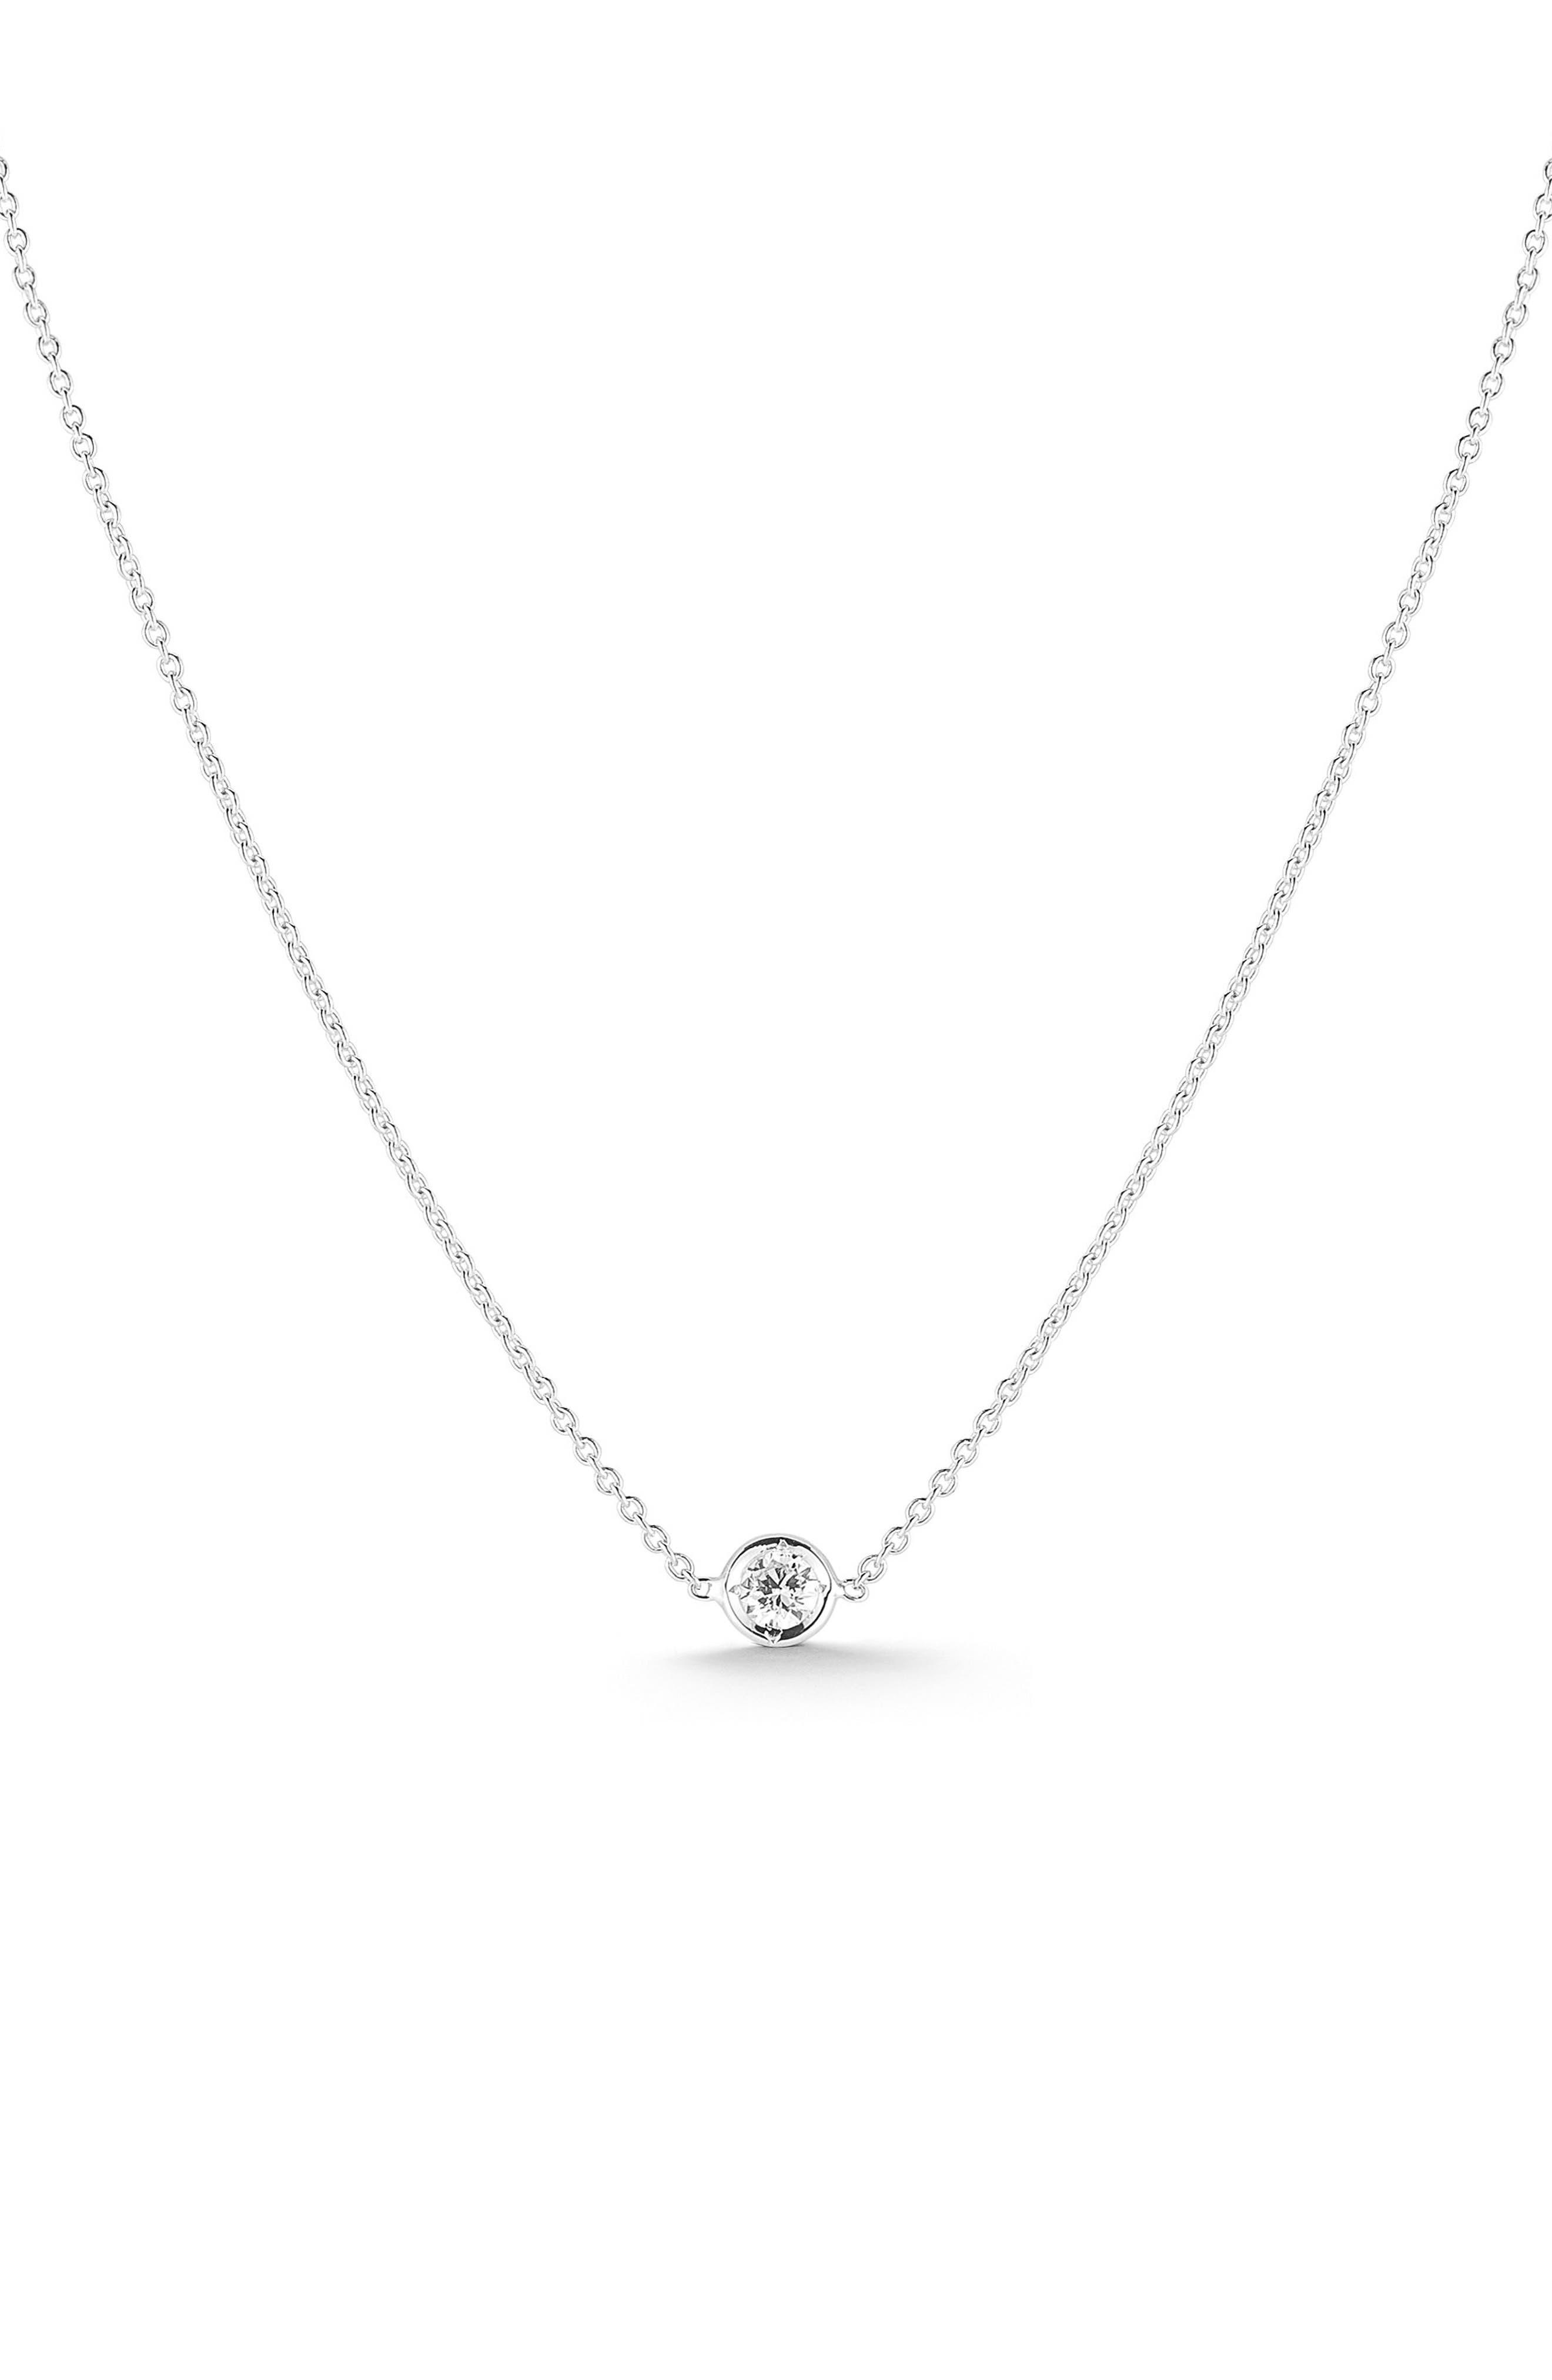 Tiny Treasures Diamond Bezel Necklace,                         Main,                         color, WHITE